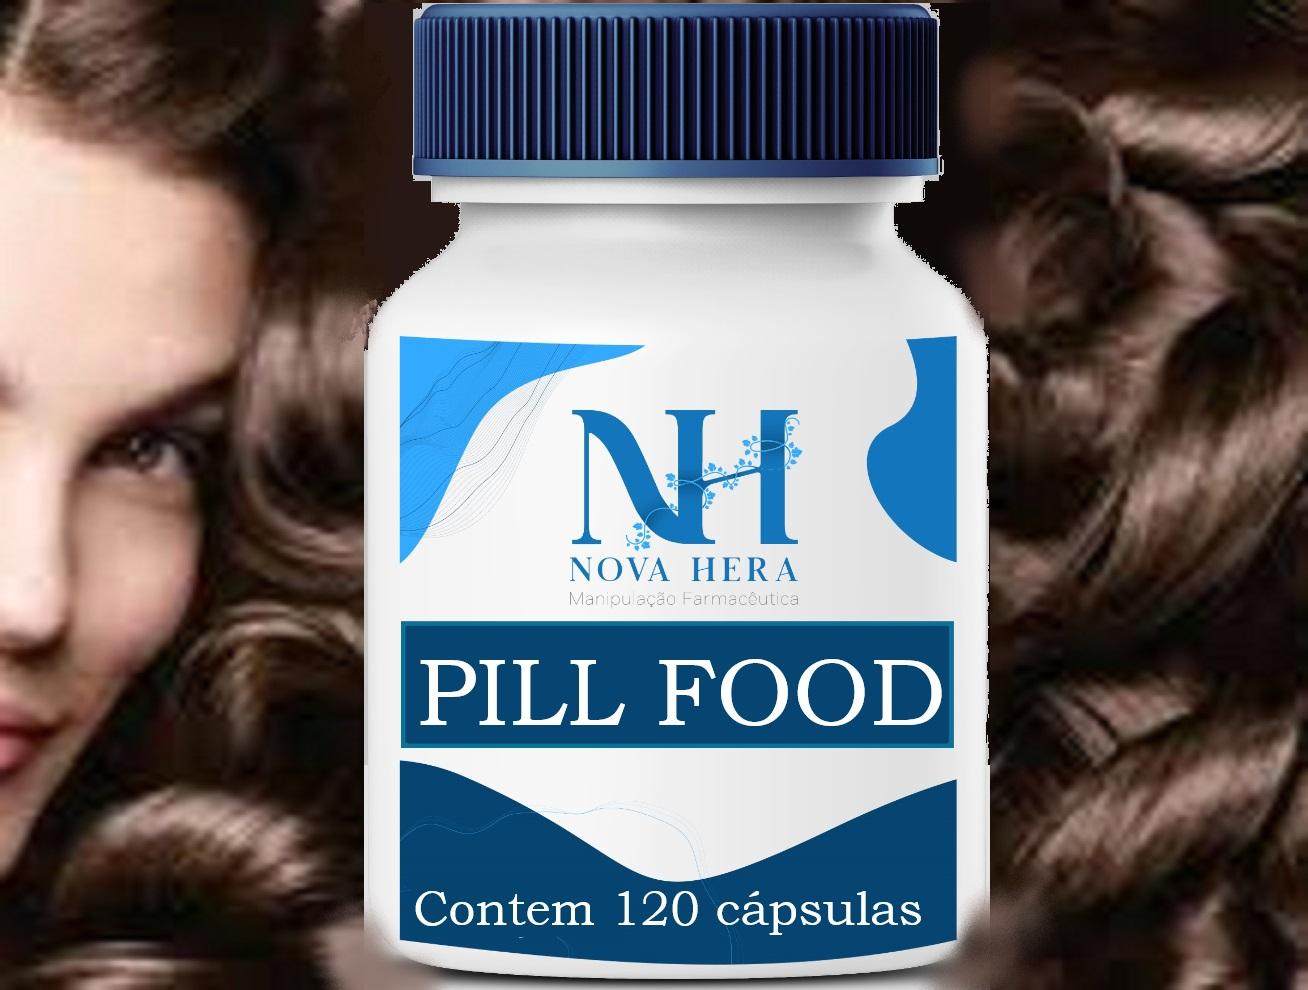 https://www.farmacianovahera.com.br/view/_upload/produto/48/1588016764pill--food---jpeg.jpg